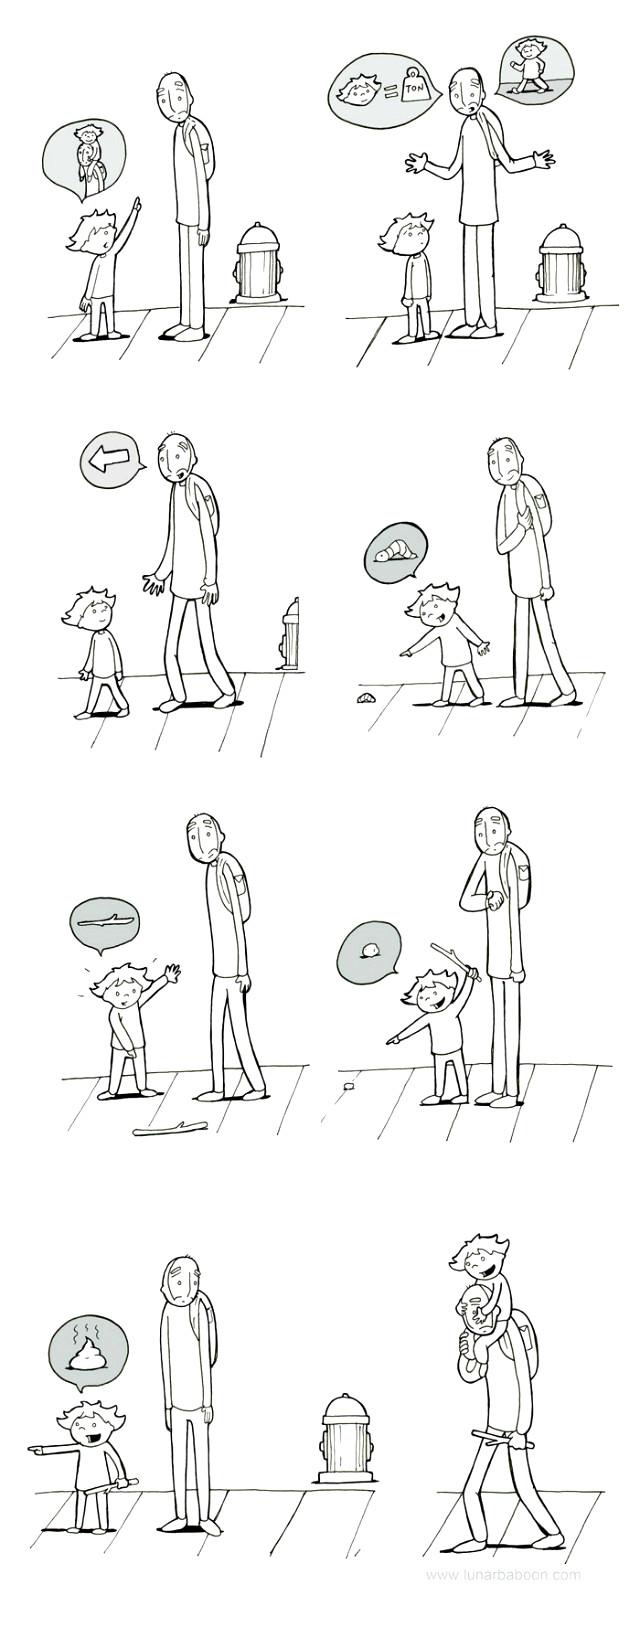 N3OPsvVLn9g - Комиксы - жанр веселый